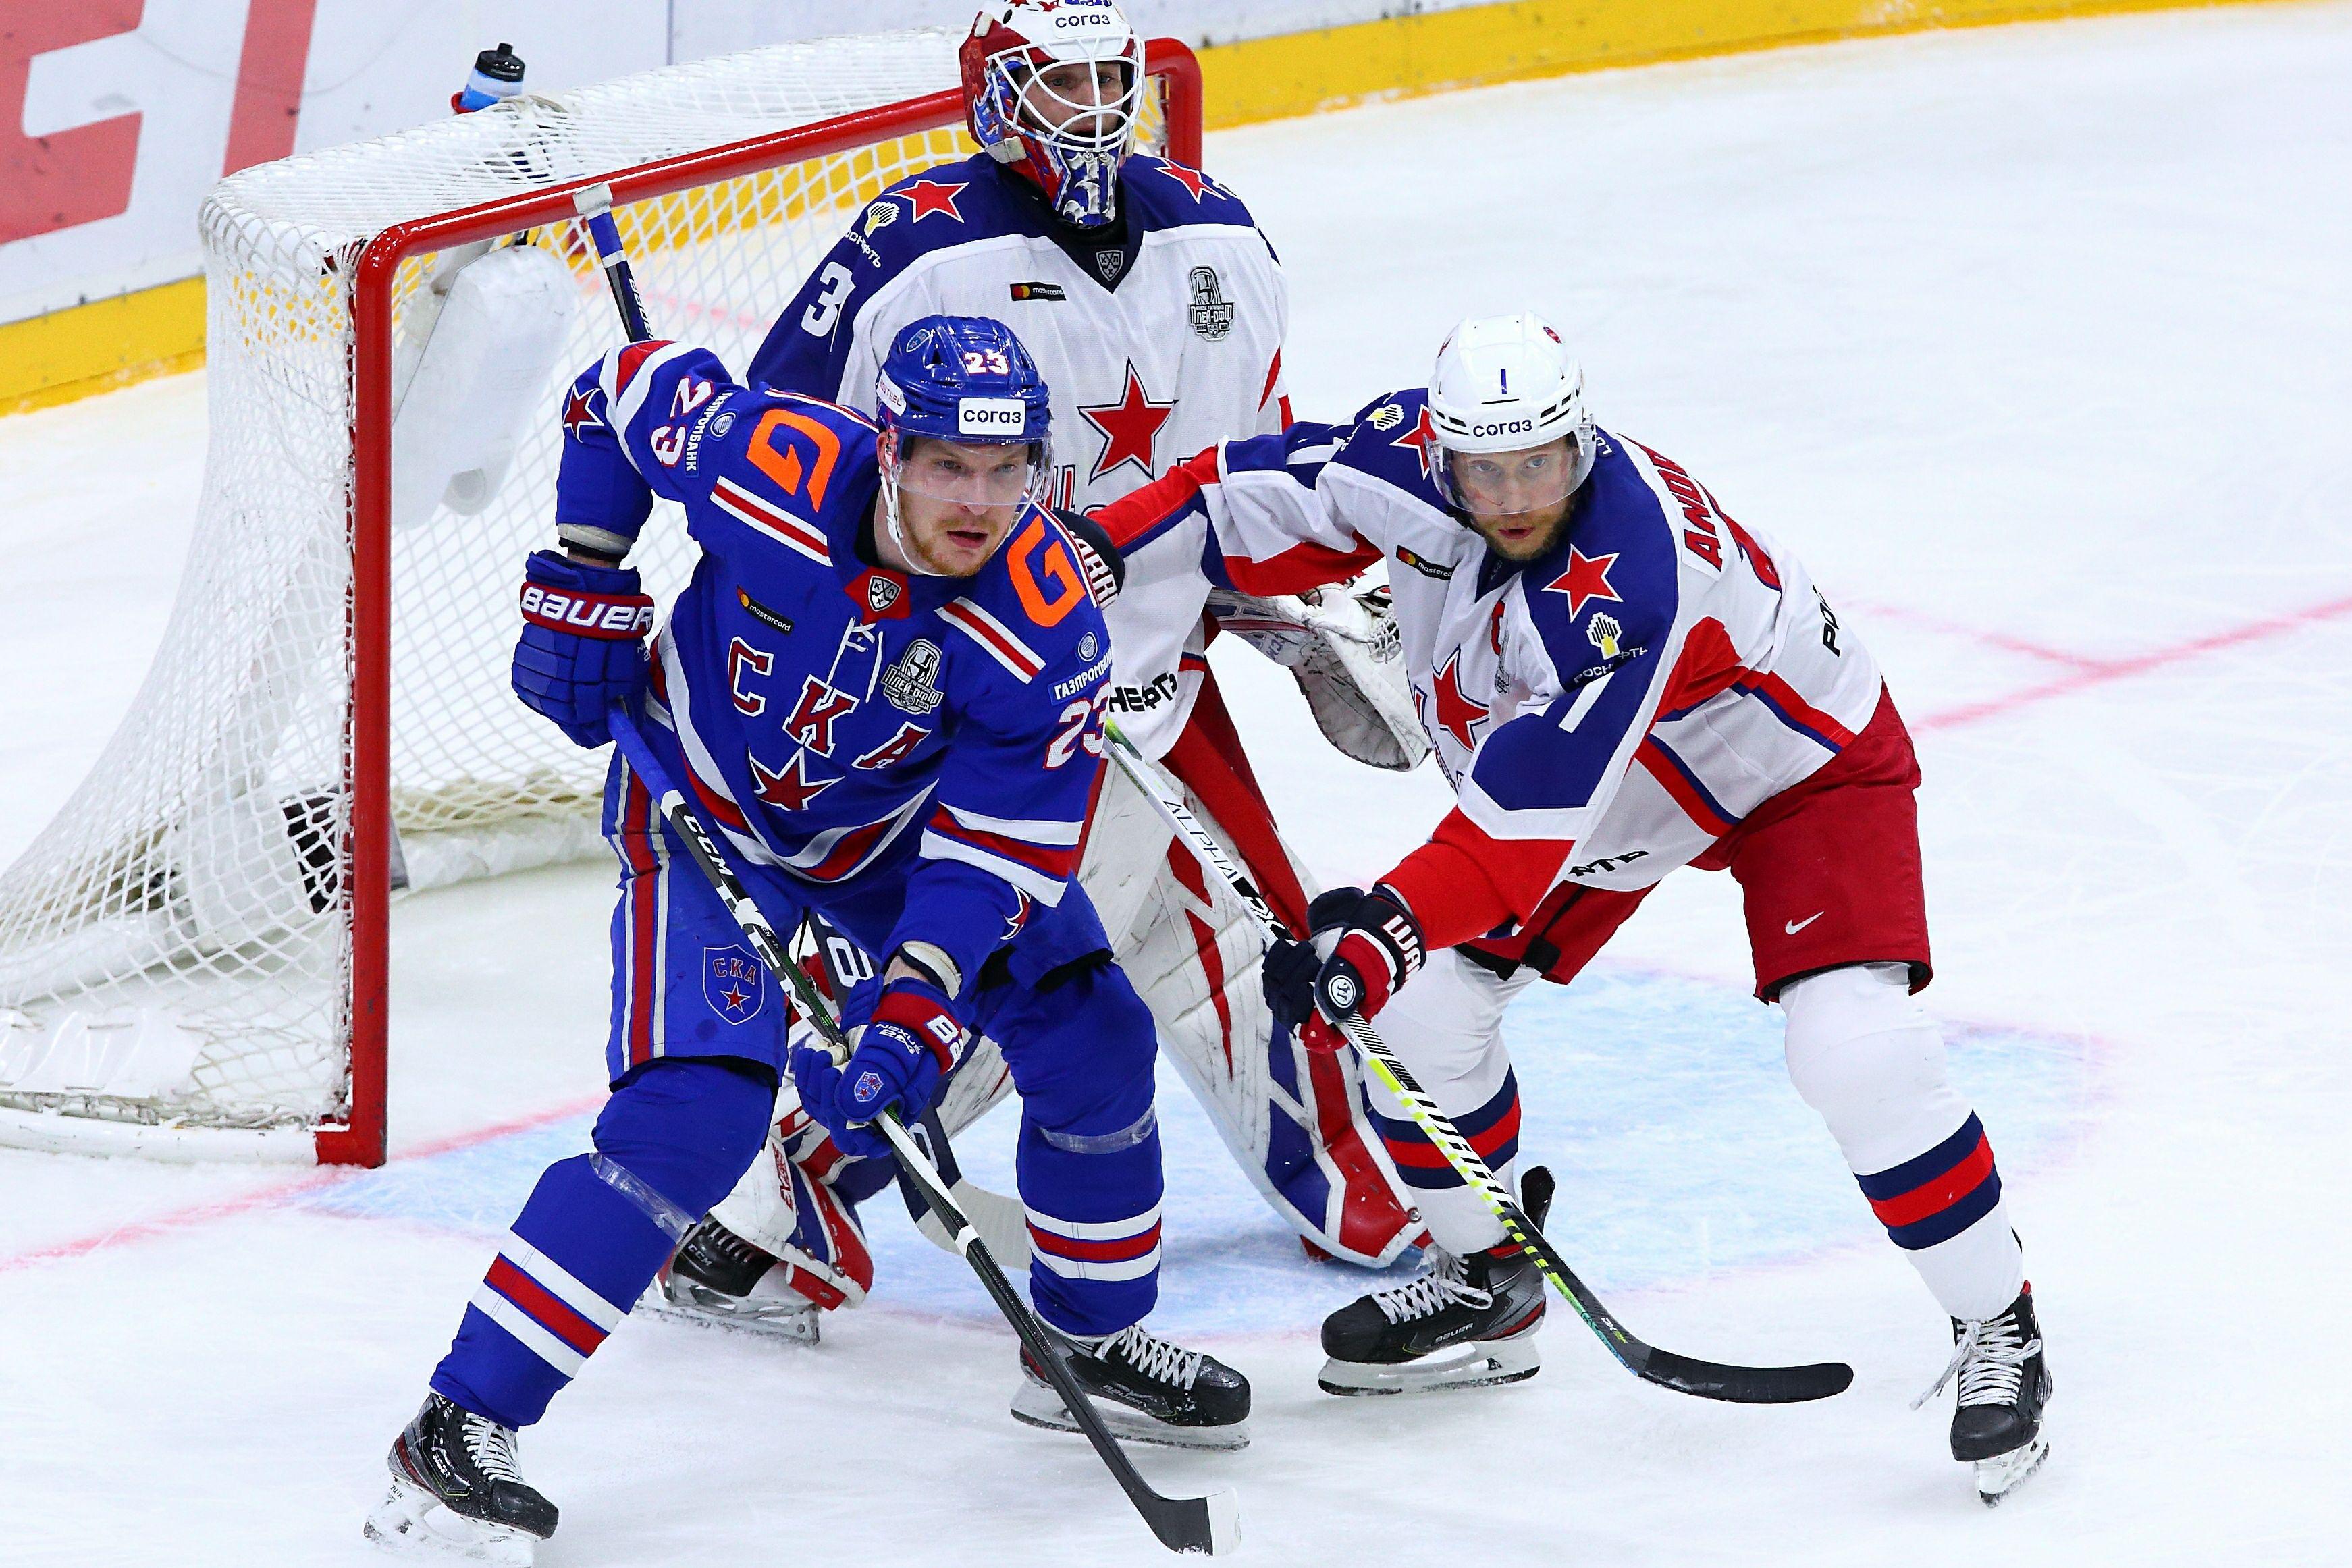 Лысенков дал прогноз на матч плей-офф КХЛ между ЦСКА и СКА